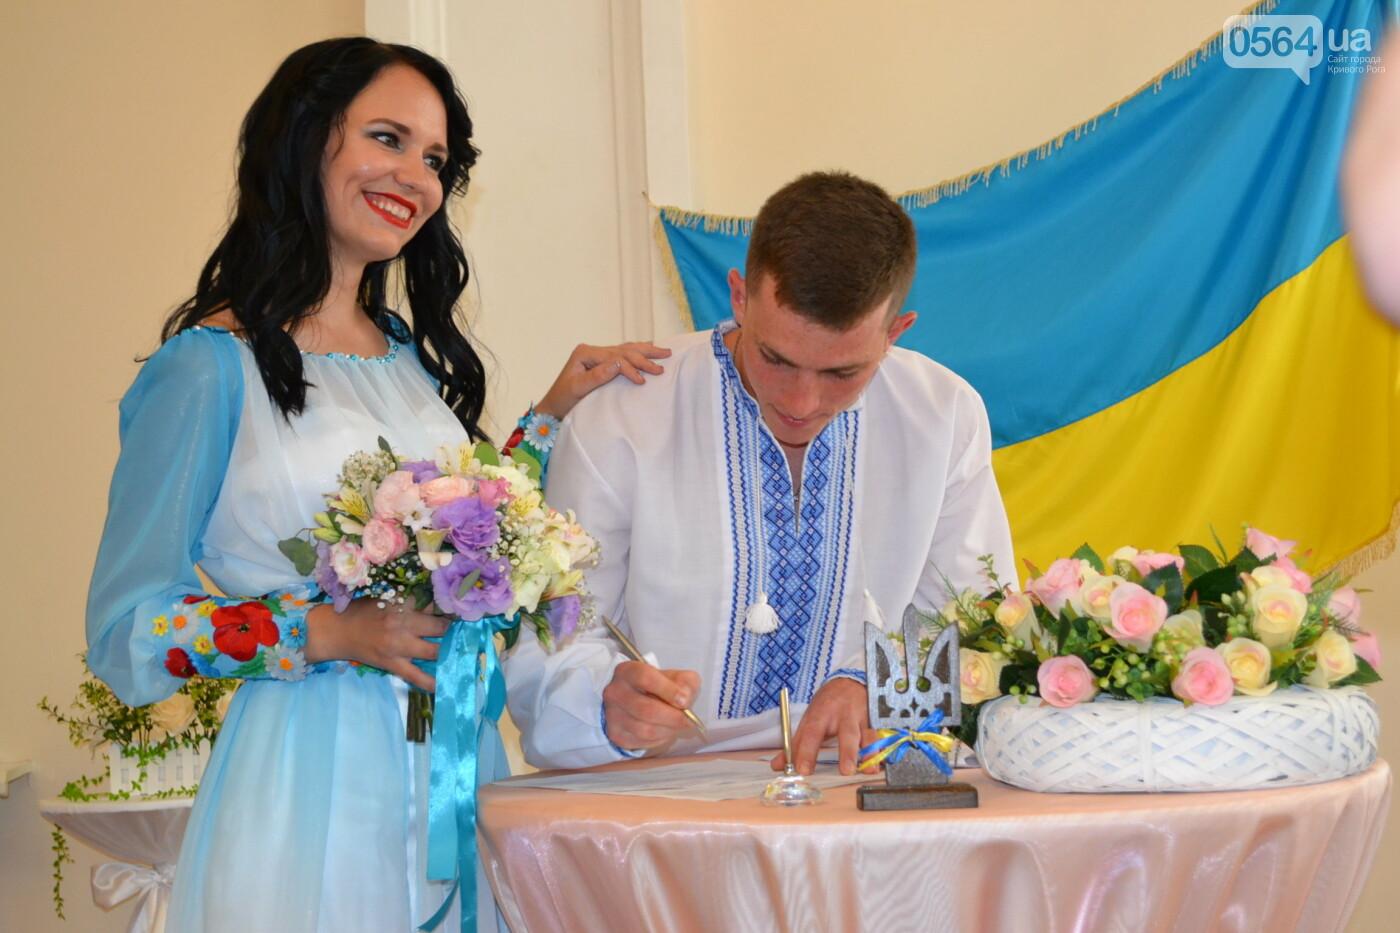 В Кривом Роге бойца 17 танковой бригады и его супругу в день бракосочетания крепко связали флагом Украины, - ФОТО, ВИДЕО, фото-14